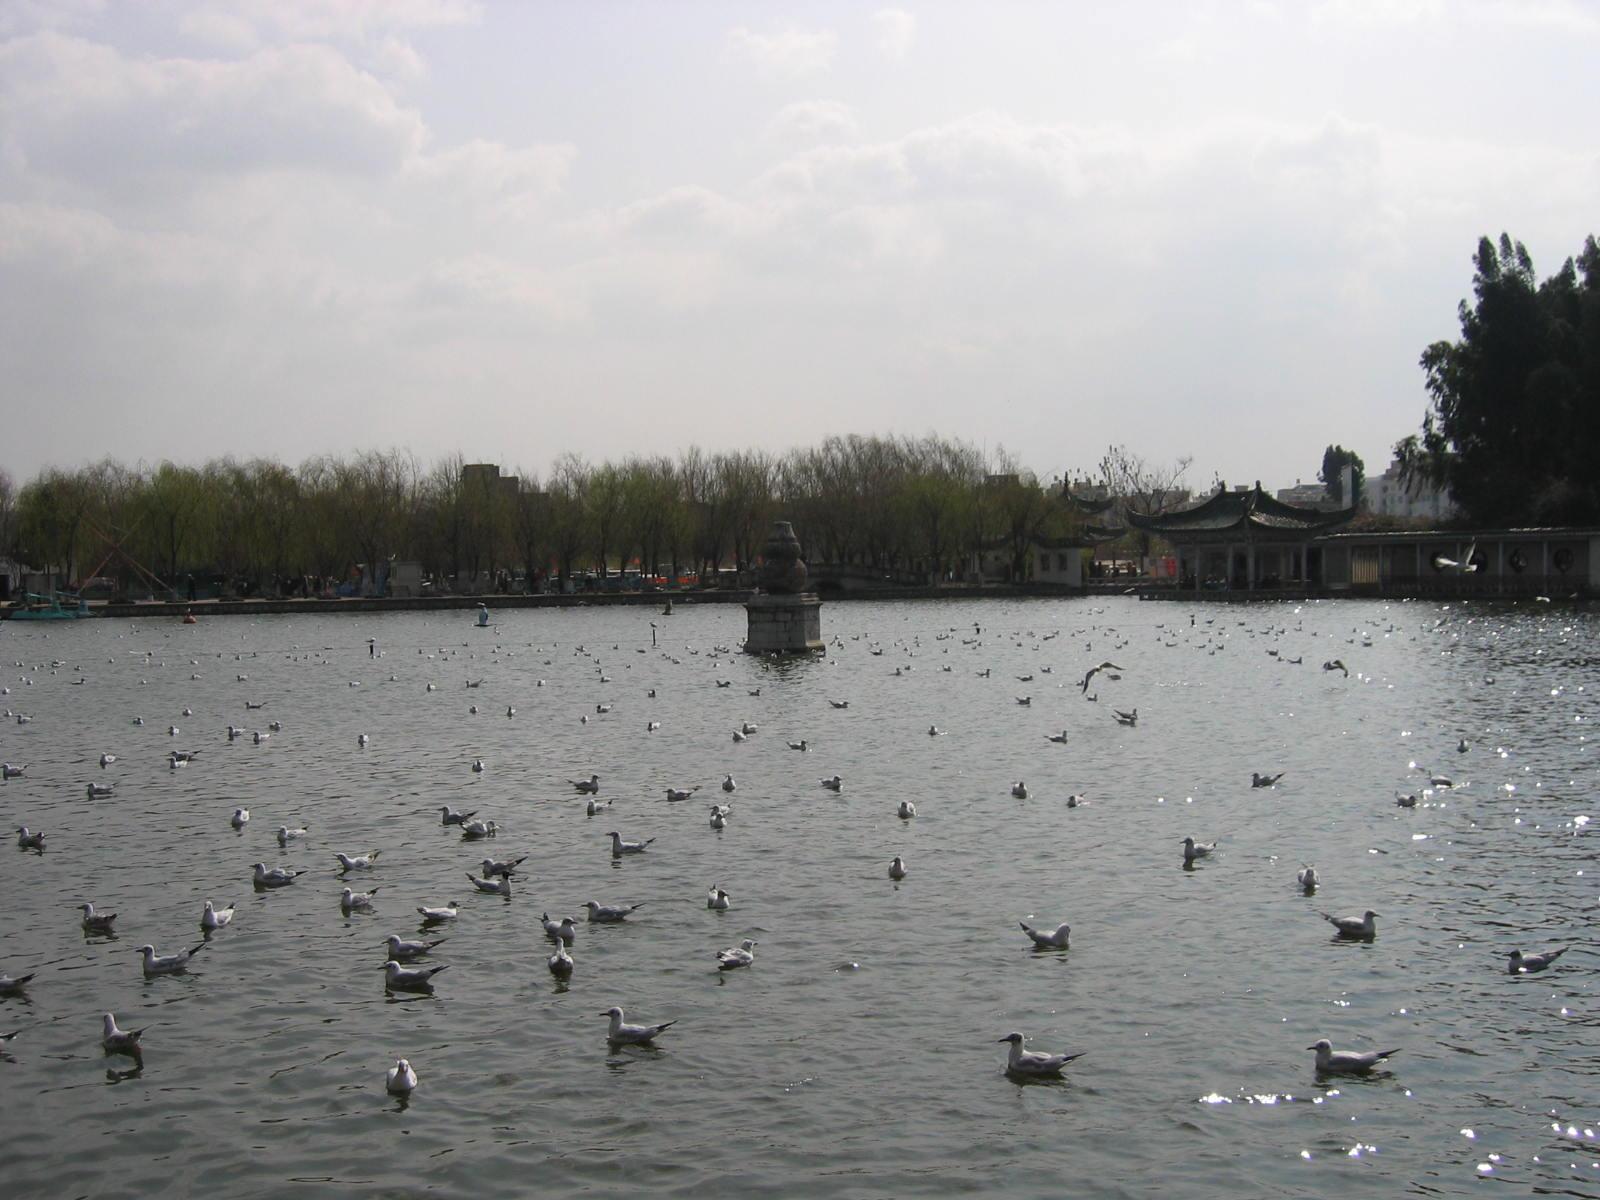 昆明春天--中国信鸽信息网相册